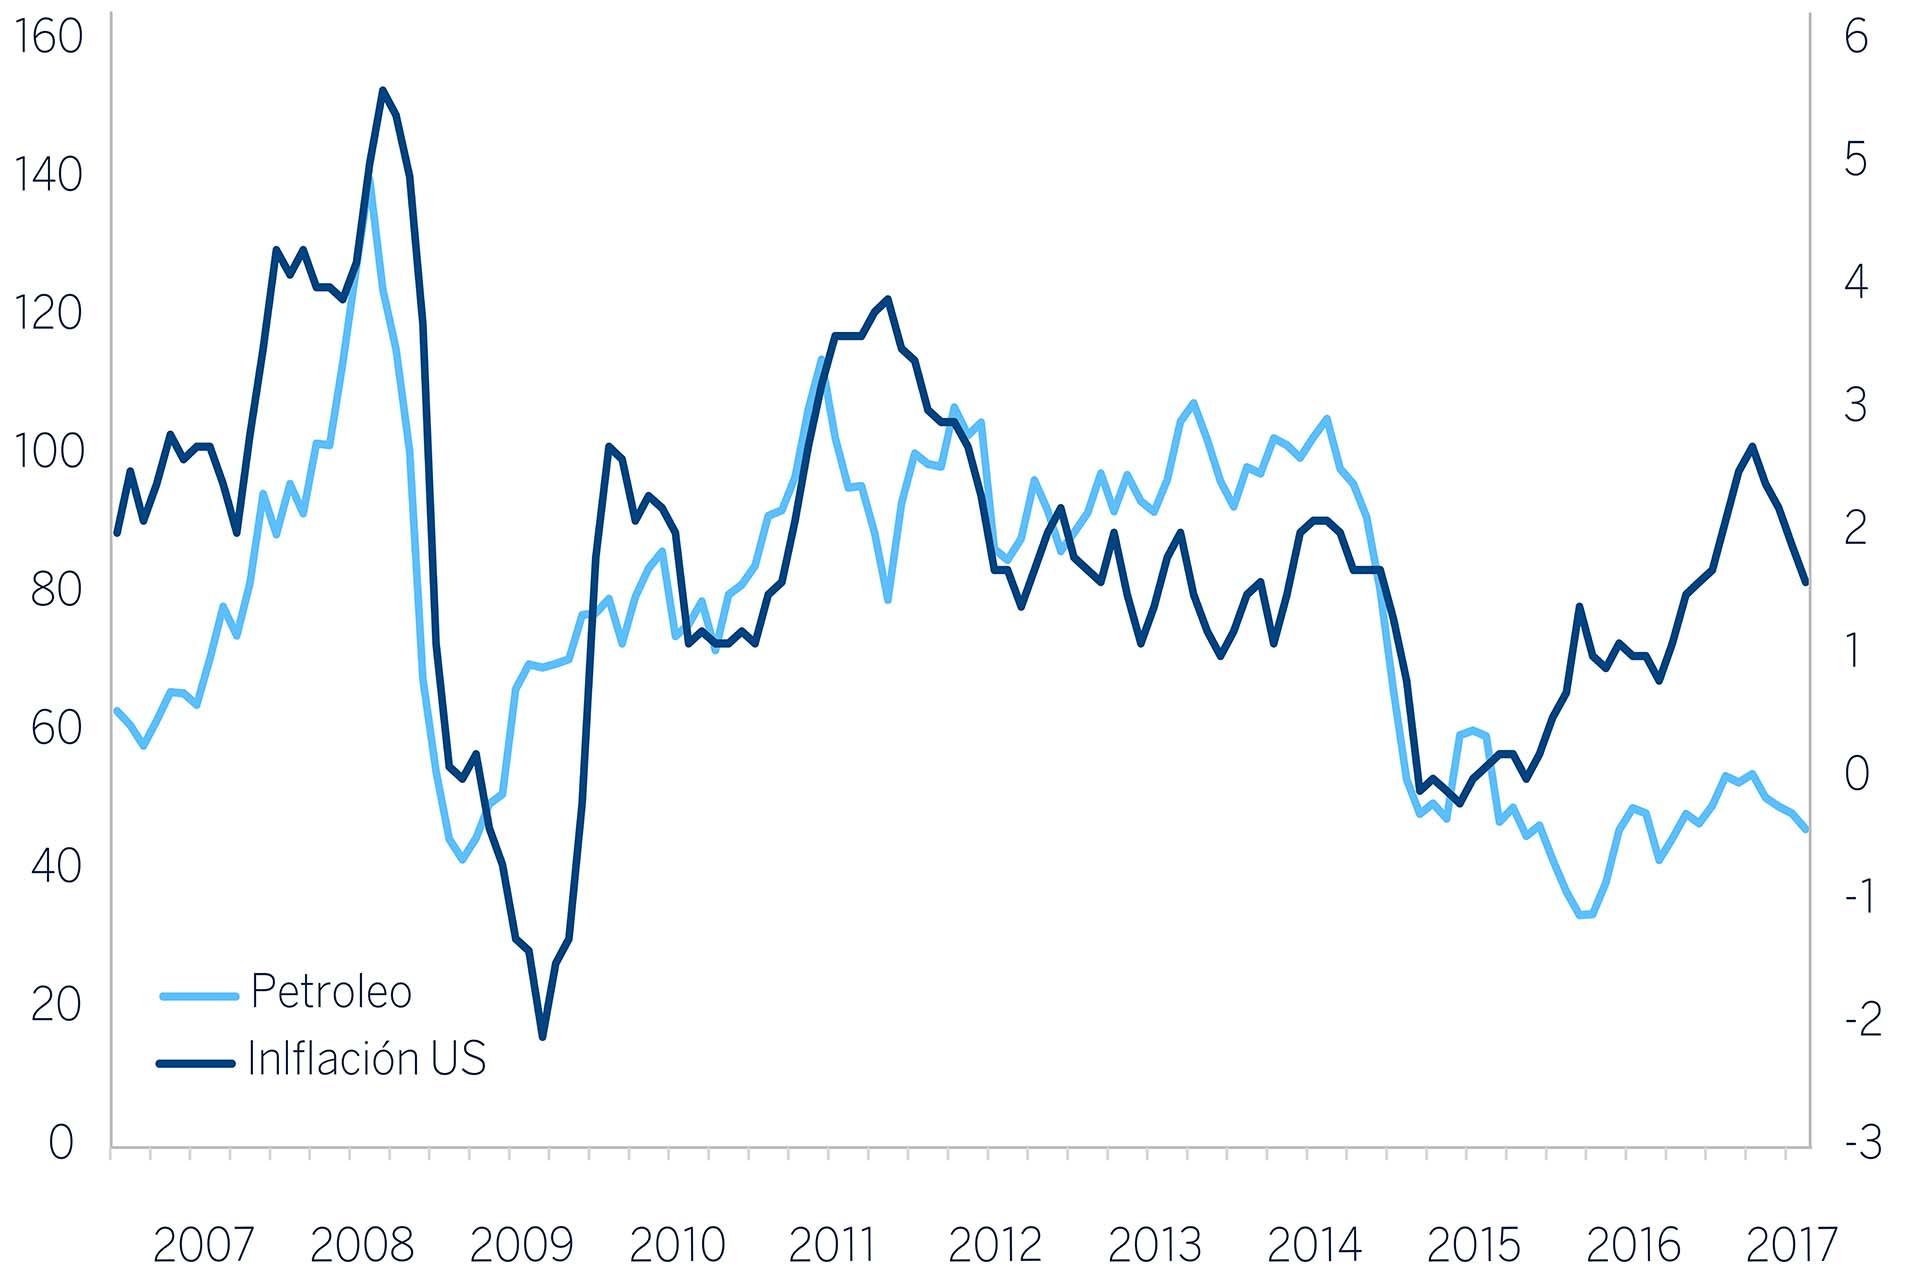 GRafico_Bancos-centrales_inflacion_petroleo